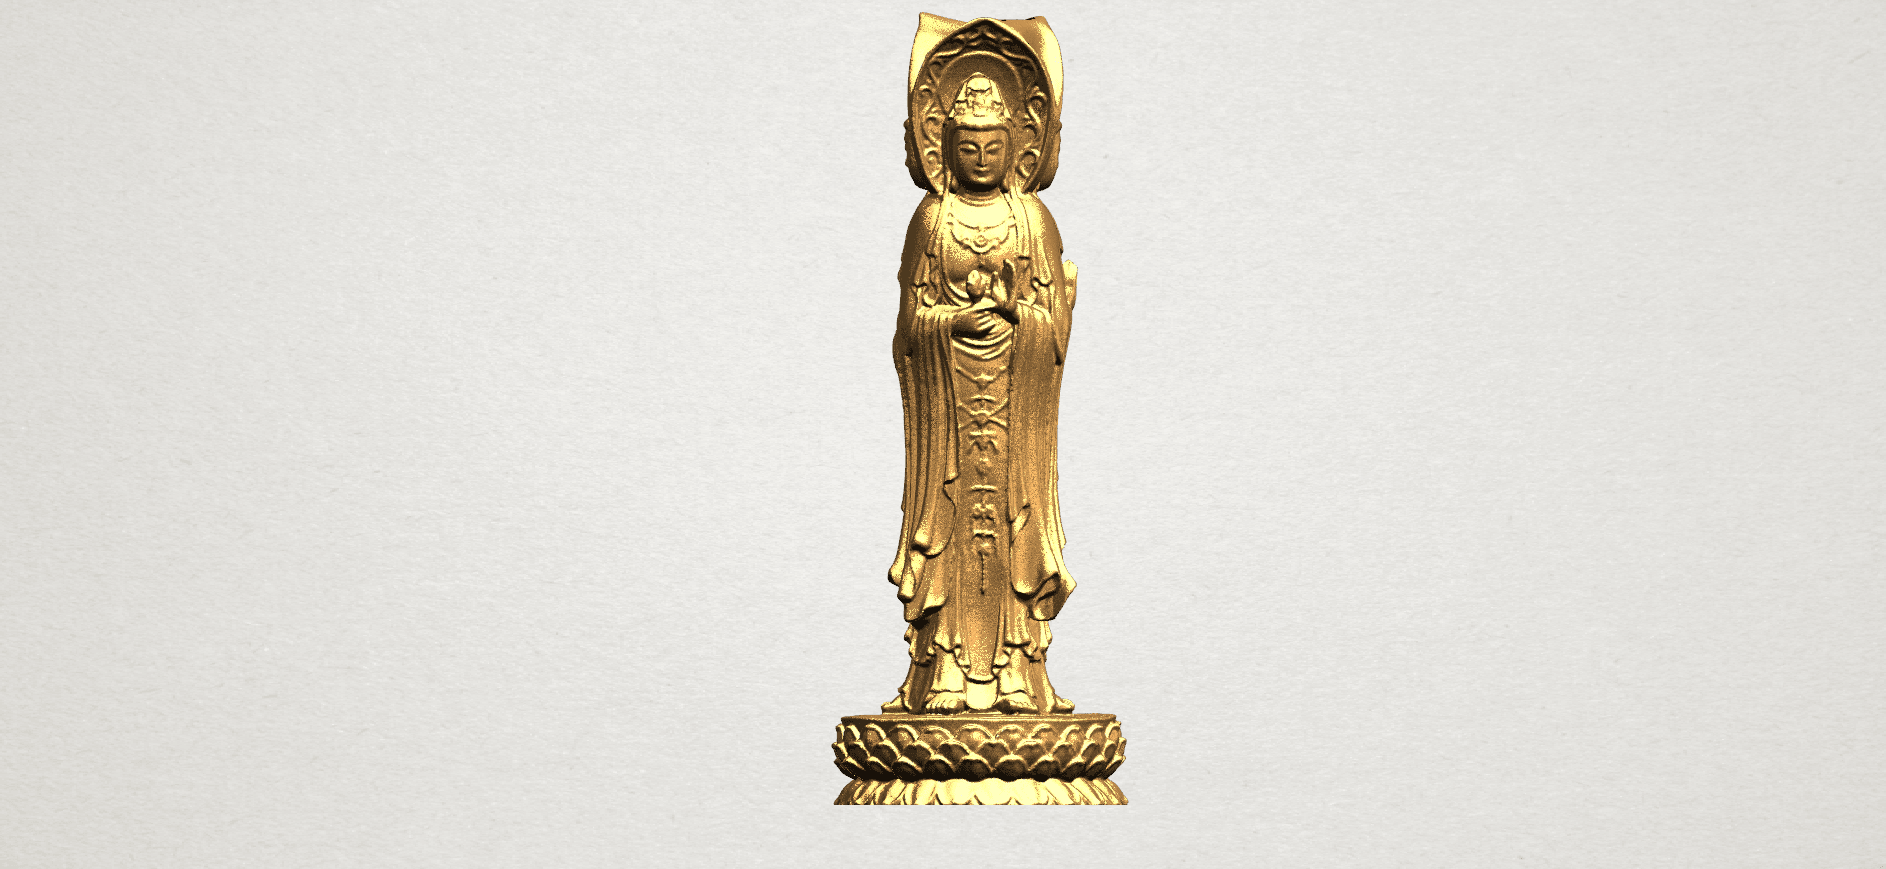 Avalokitesvara Buddha (with Lotus Leave) (i) A01.png Download free STL file Avalokitesvara Buddha (with Lotus Leave) 01 • 3D printable model, GeorgesNikkei